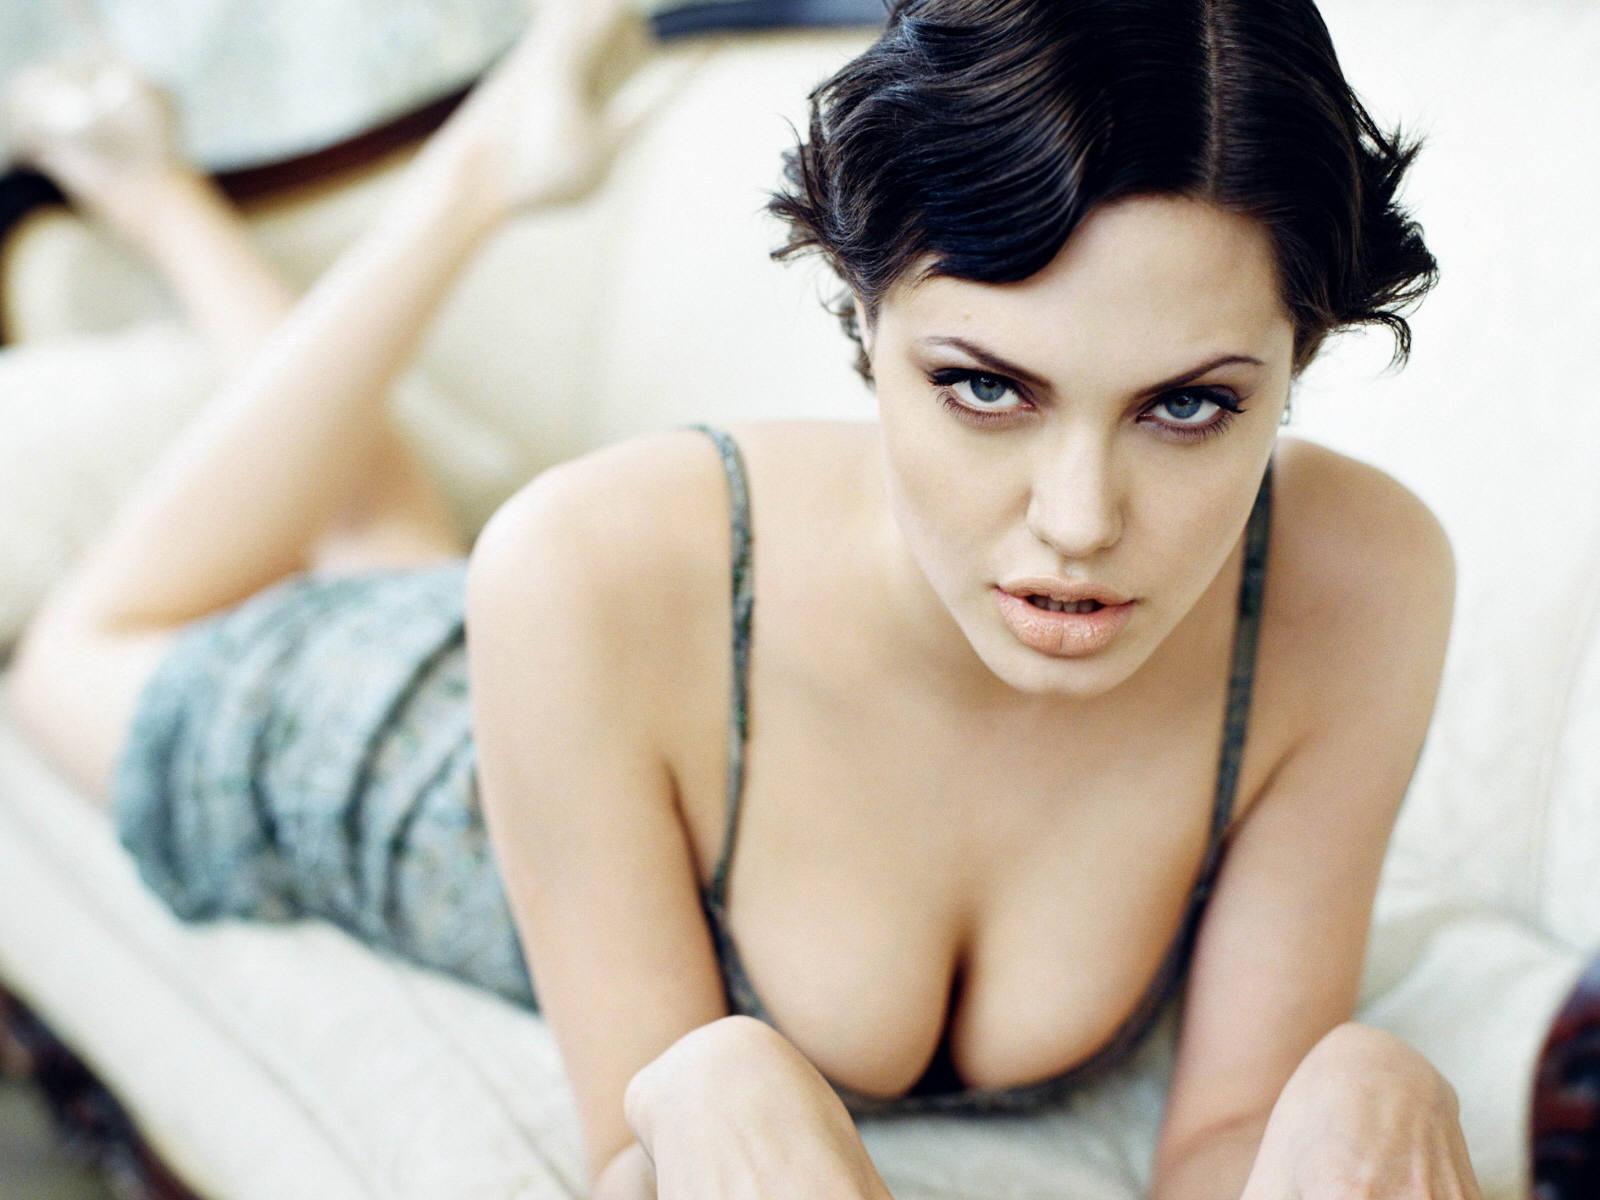 pitkät porno videot seks i porno